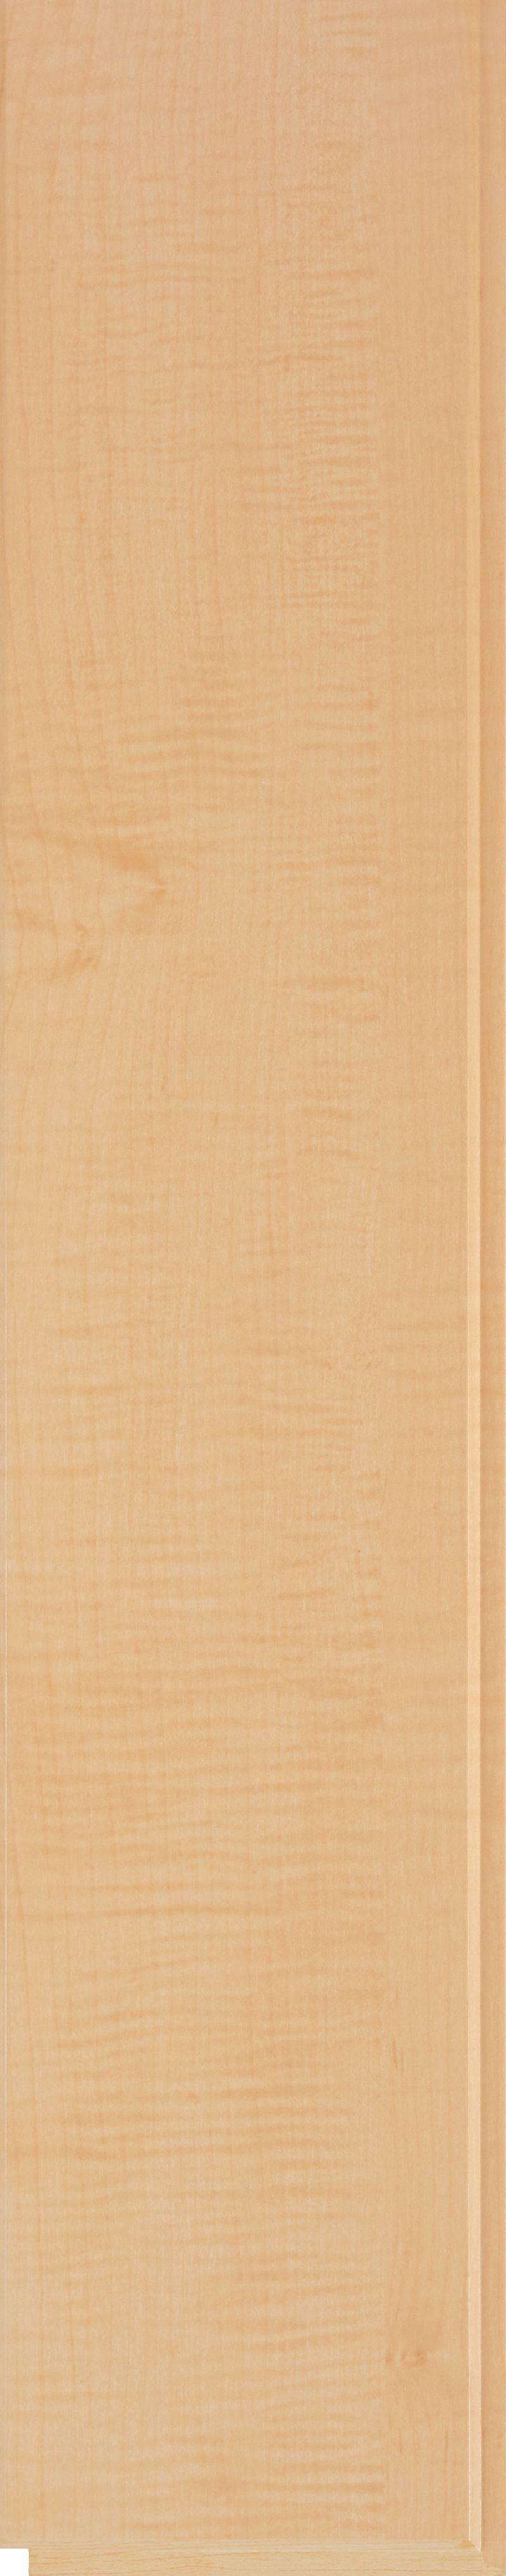 Wood Look Ceilings - 1262 | Armstrong Ceilings Residential